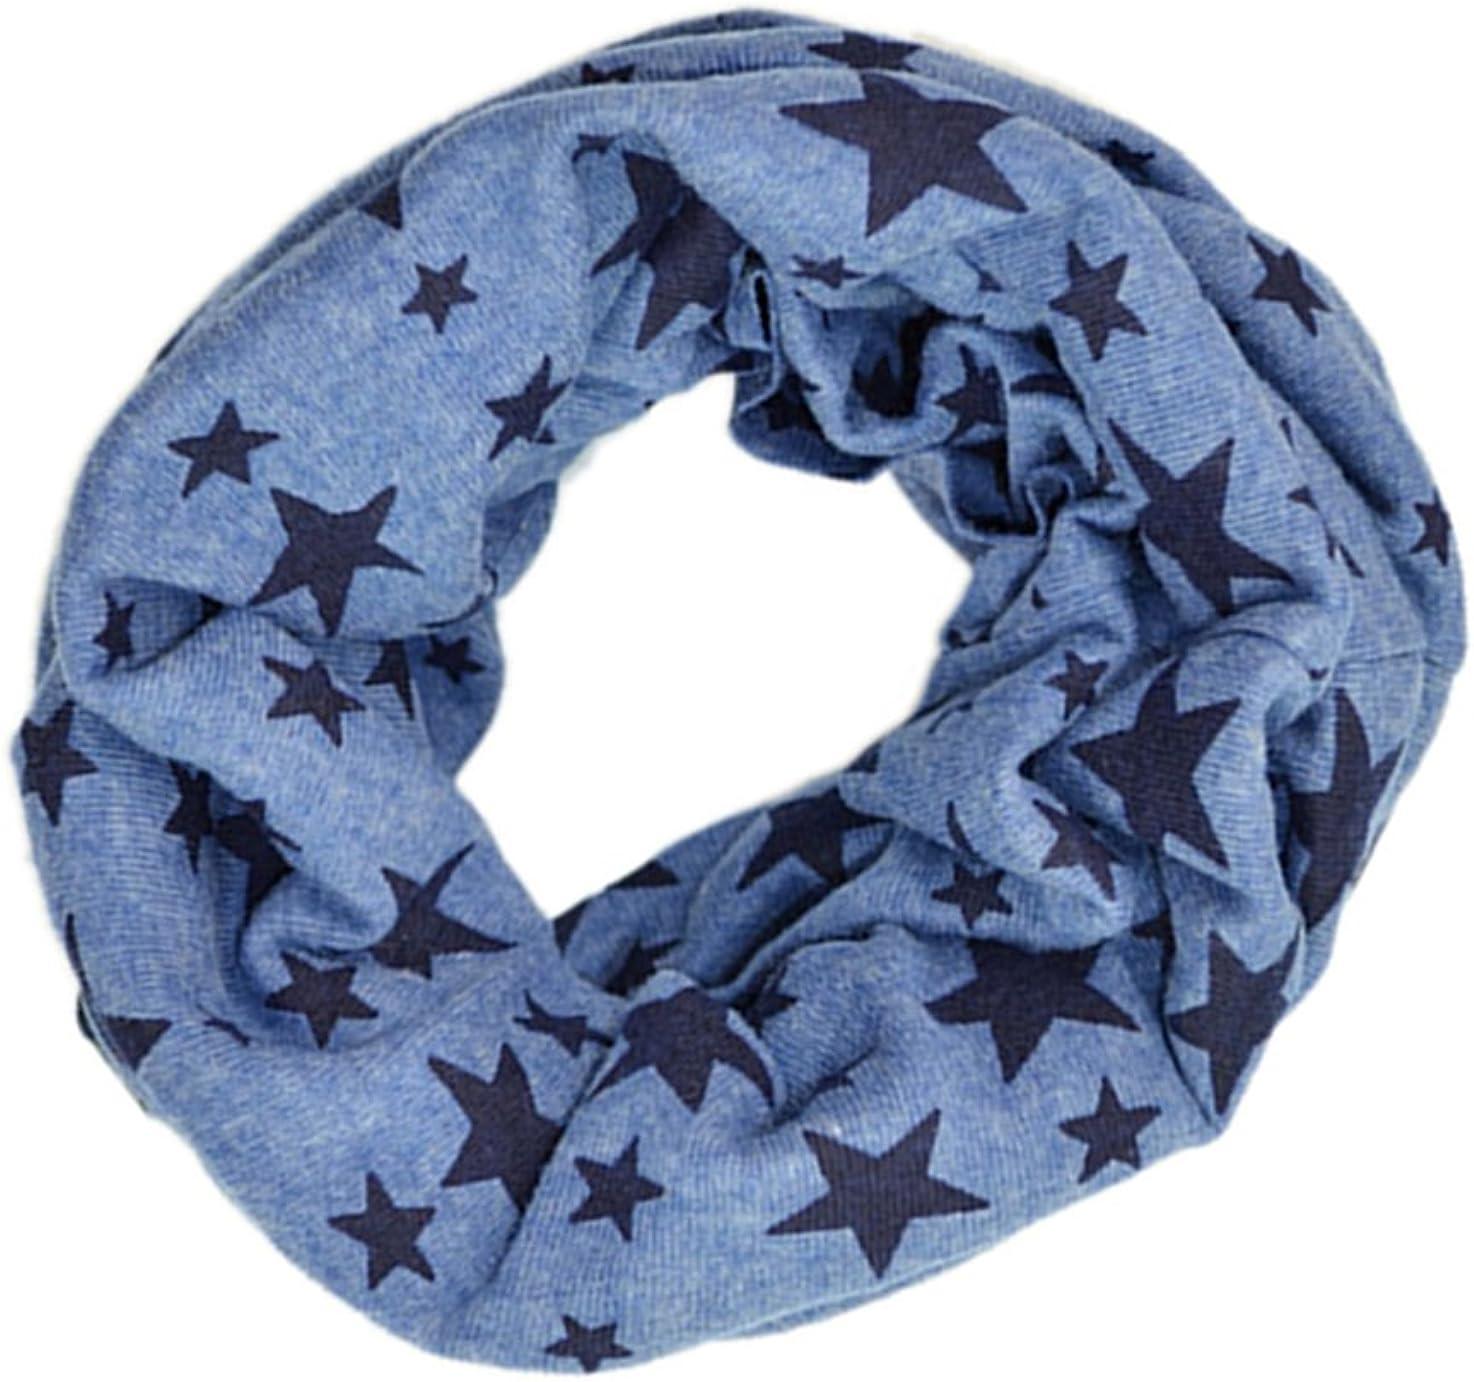 Echarpe bebe Echarpe de bebe unisexe Exharpe tricote d/¡/¯etoile a cinq branches Echarpe tour de cou?d/¡/¯hiver plus chaude Bleu R SODIAL